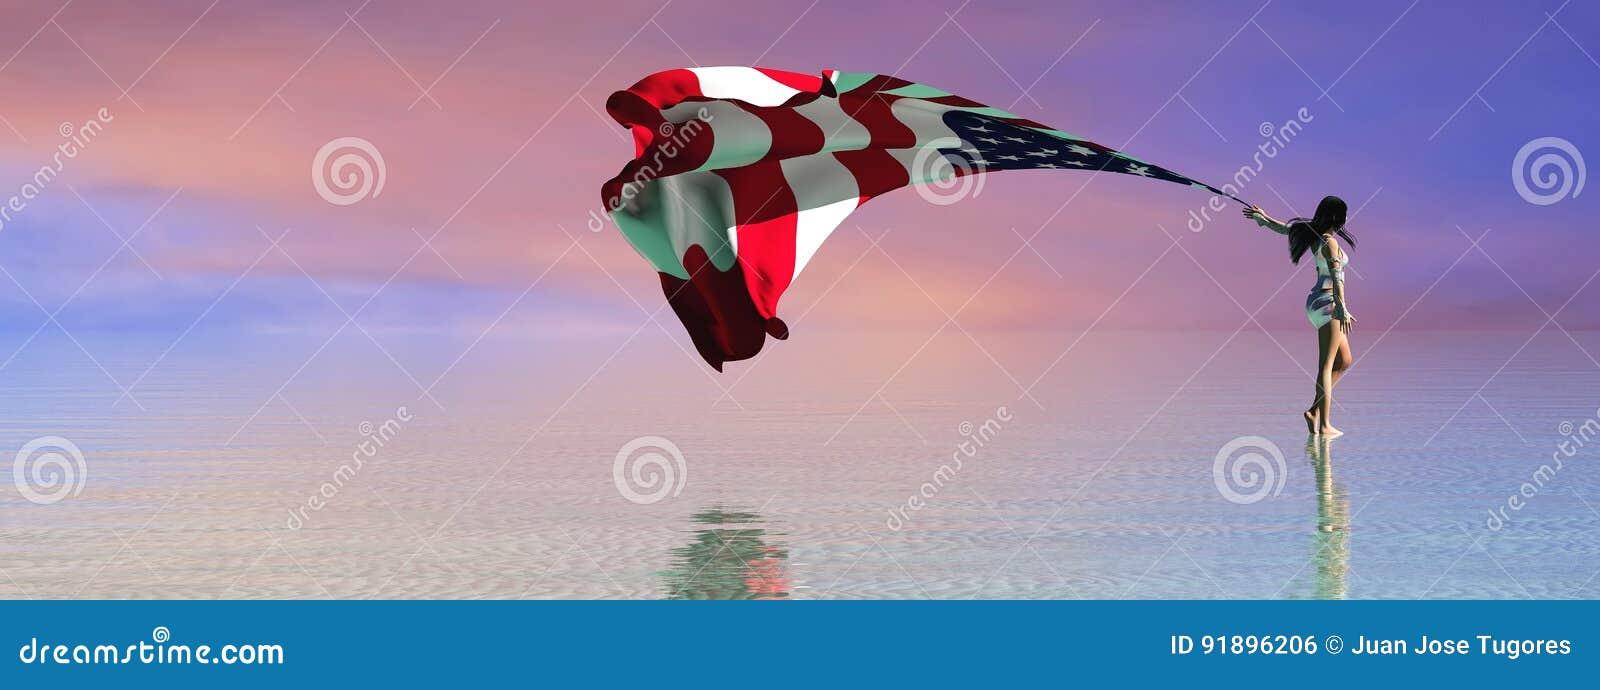 Ejemplo 3d de la bandera